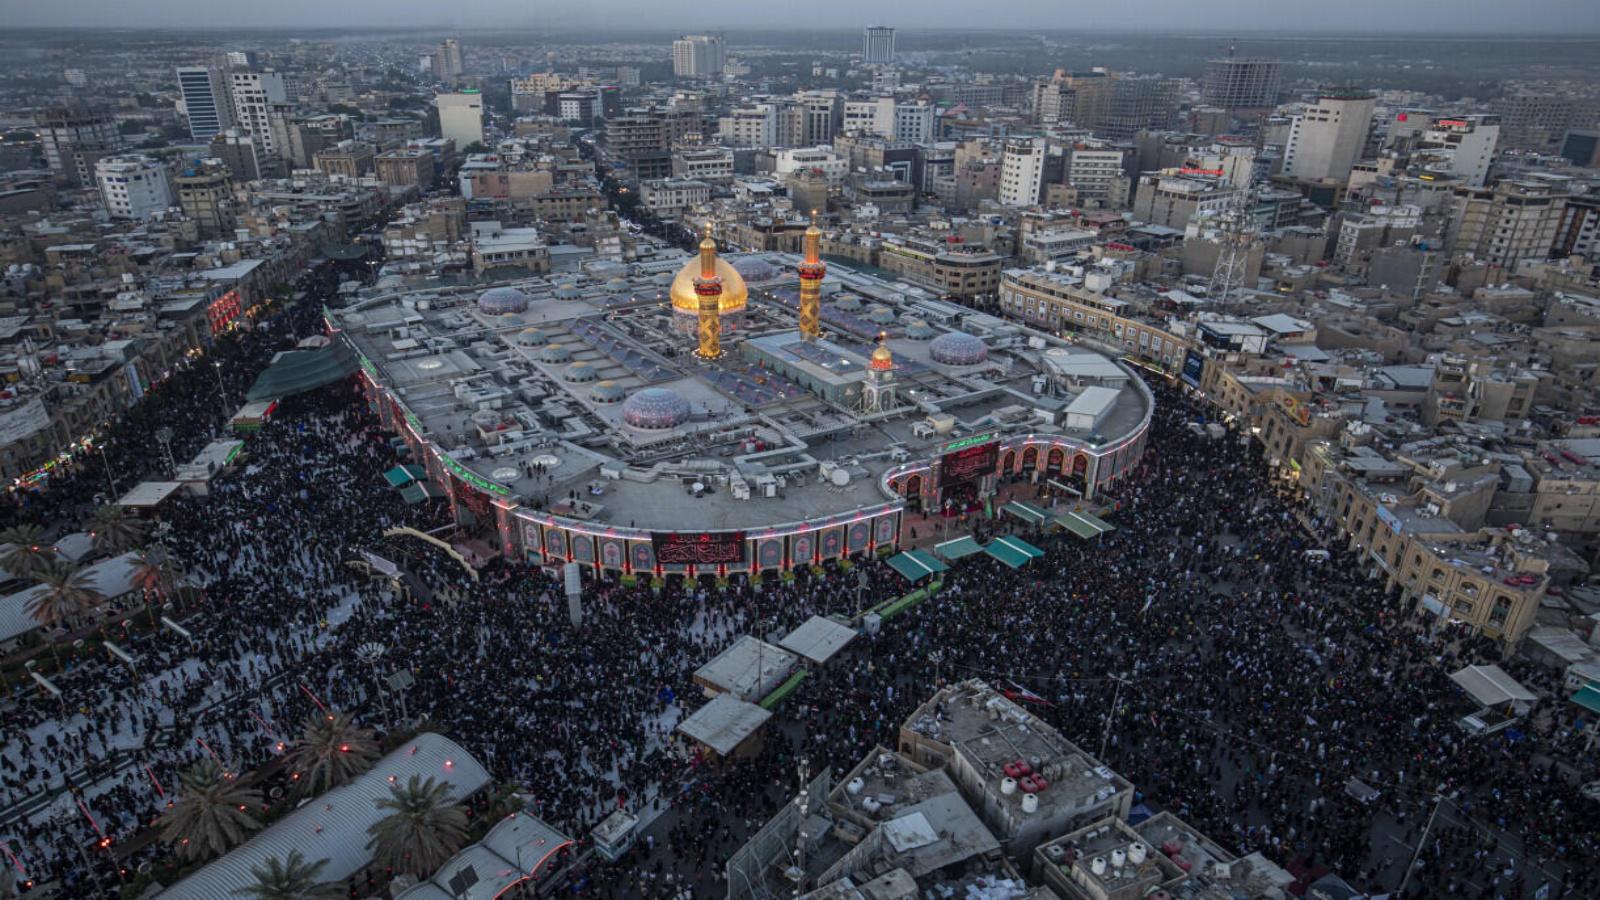 حشدود عراقية تحيي اربعينية الامام الحسين في كربلاء